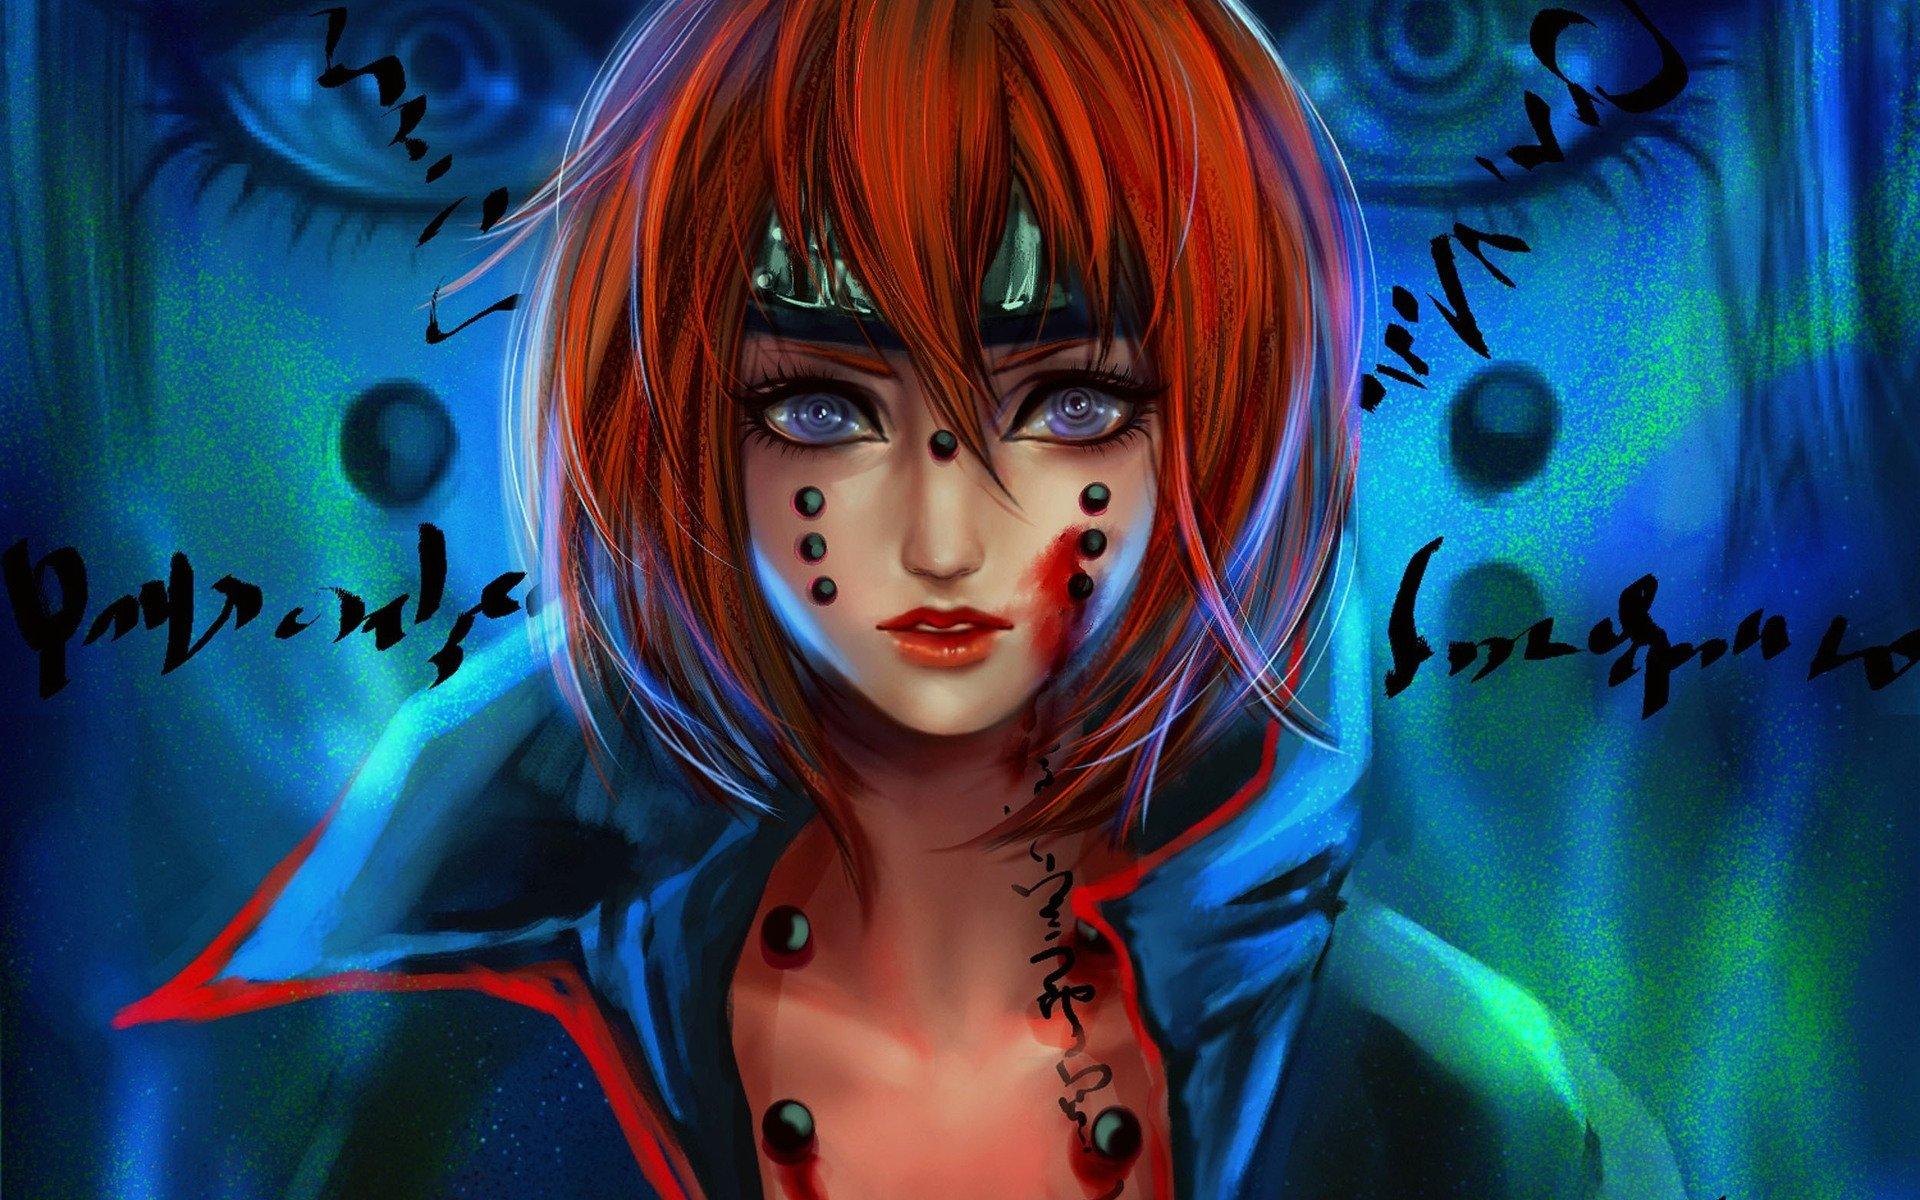 Image Result For Anime Wallpaper For Girl